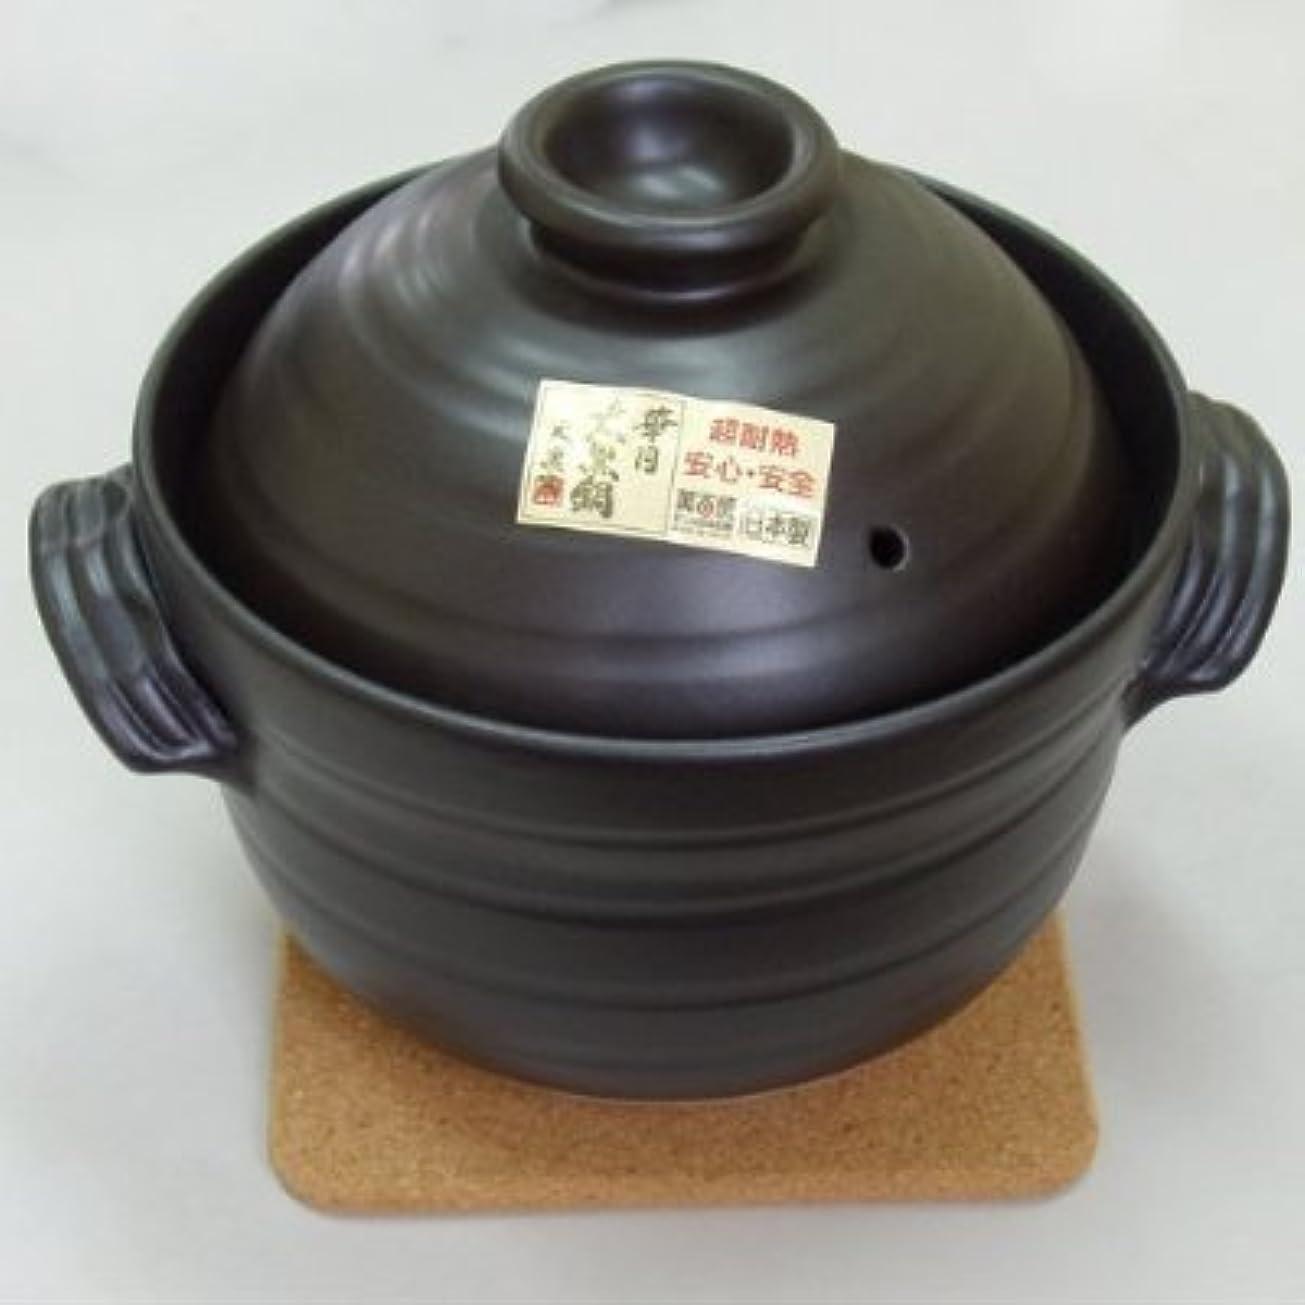 クレーター非公式除去炊飯 大黒ご飯土鍋 4合炊き 二重蓋 コルク鍋敷き付き 万古焼